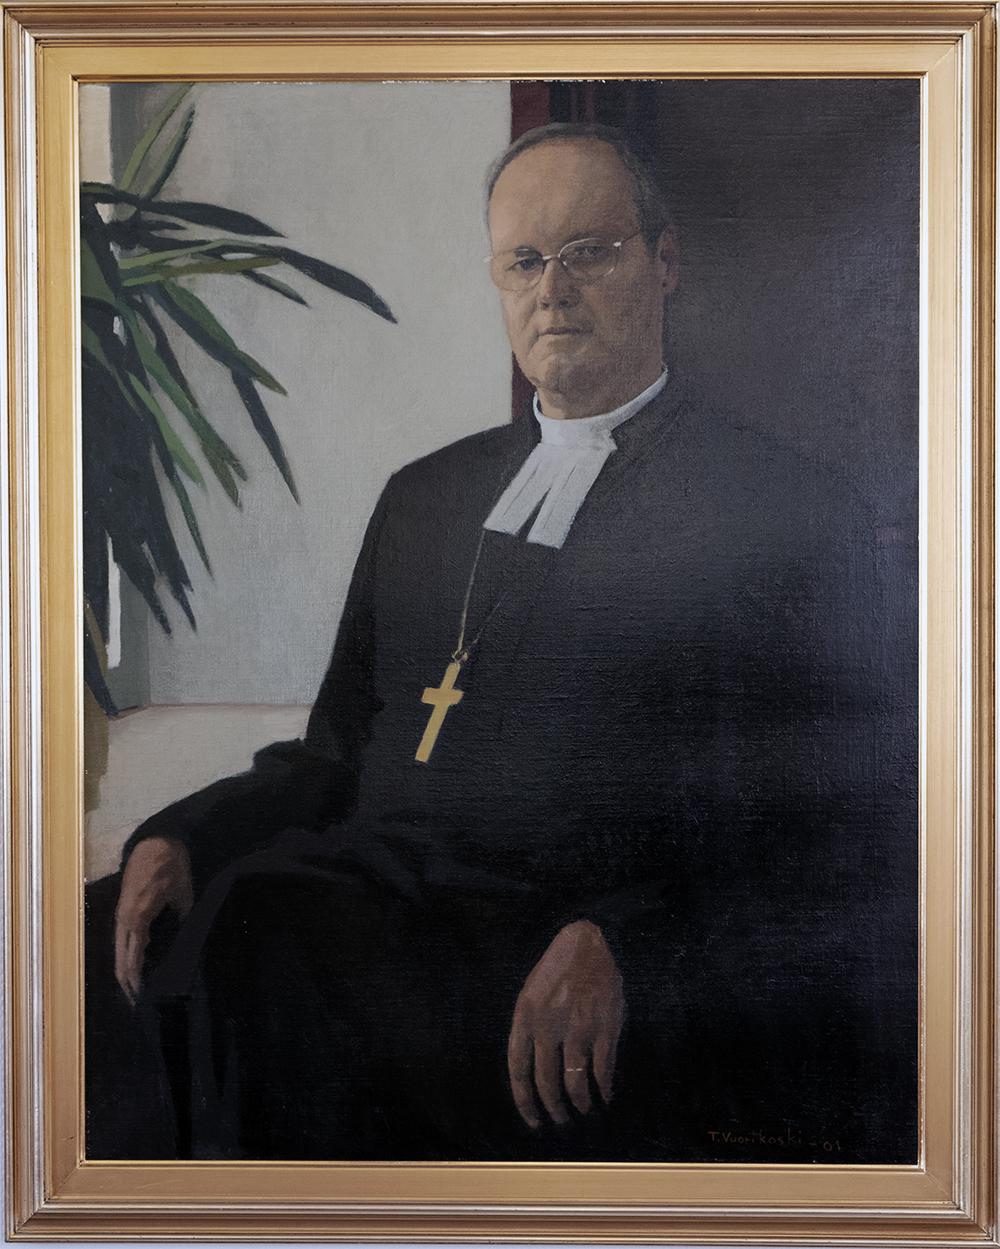 Piispa Jorma Laulajan muotokuva